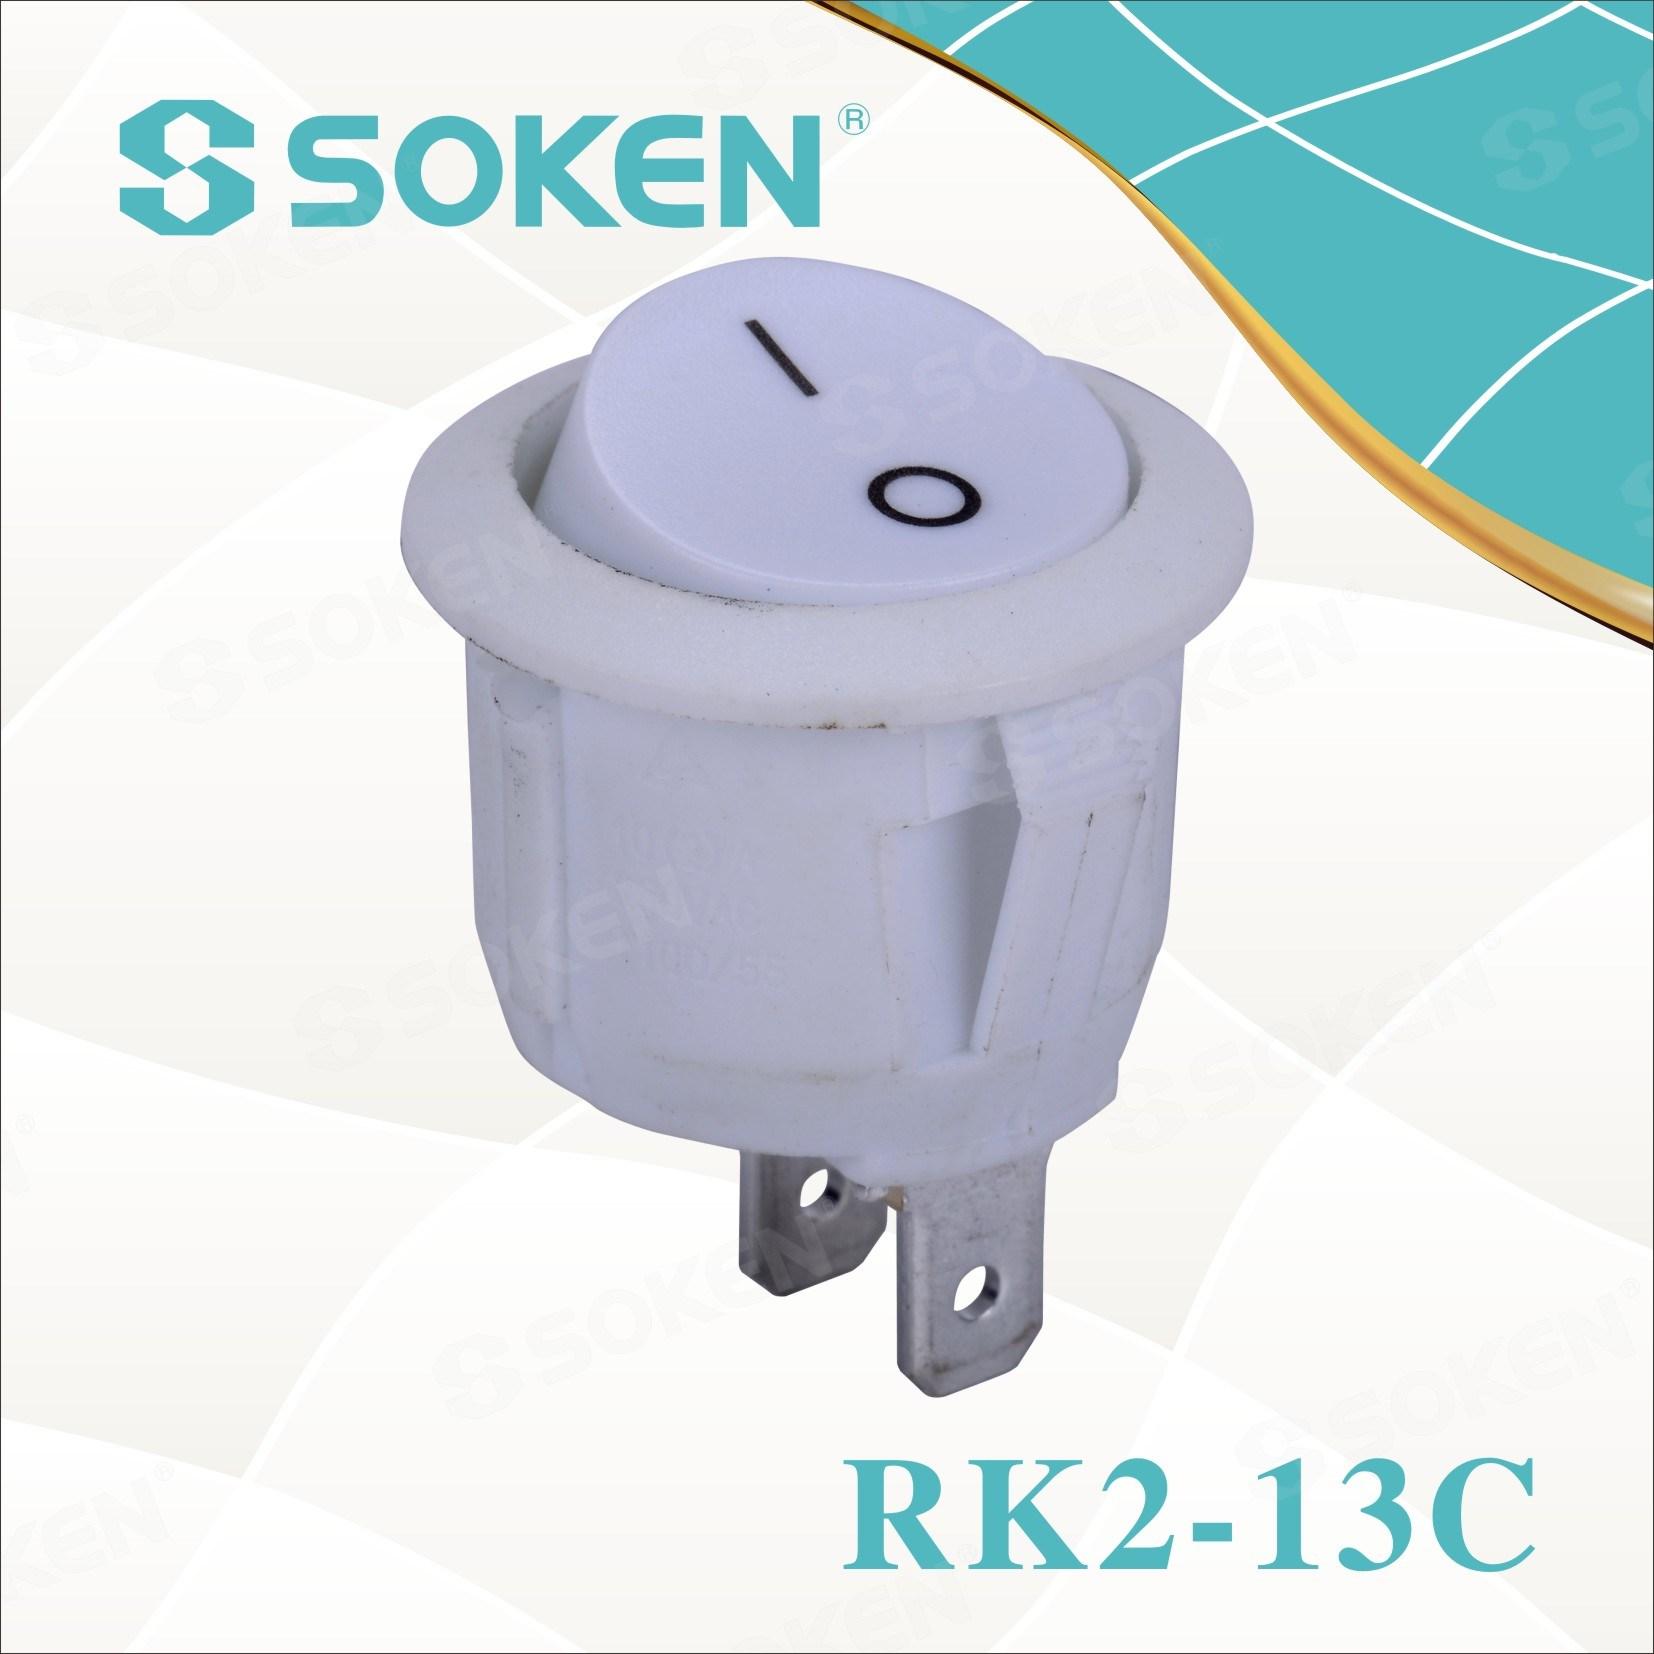 Soken Rk2-13c Round Rocker Switch